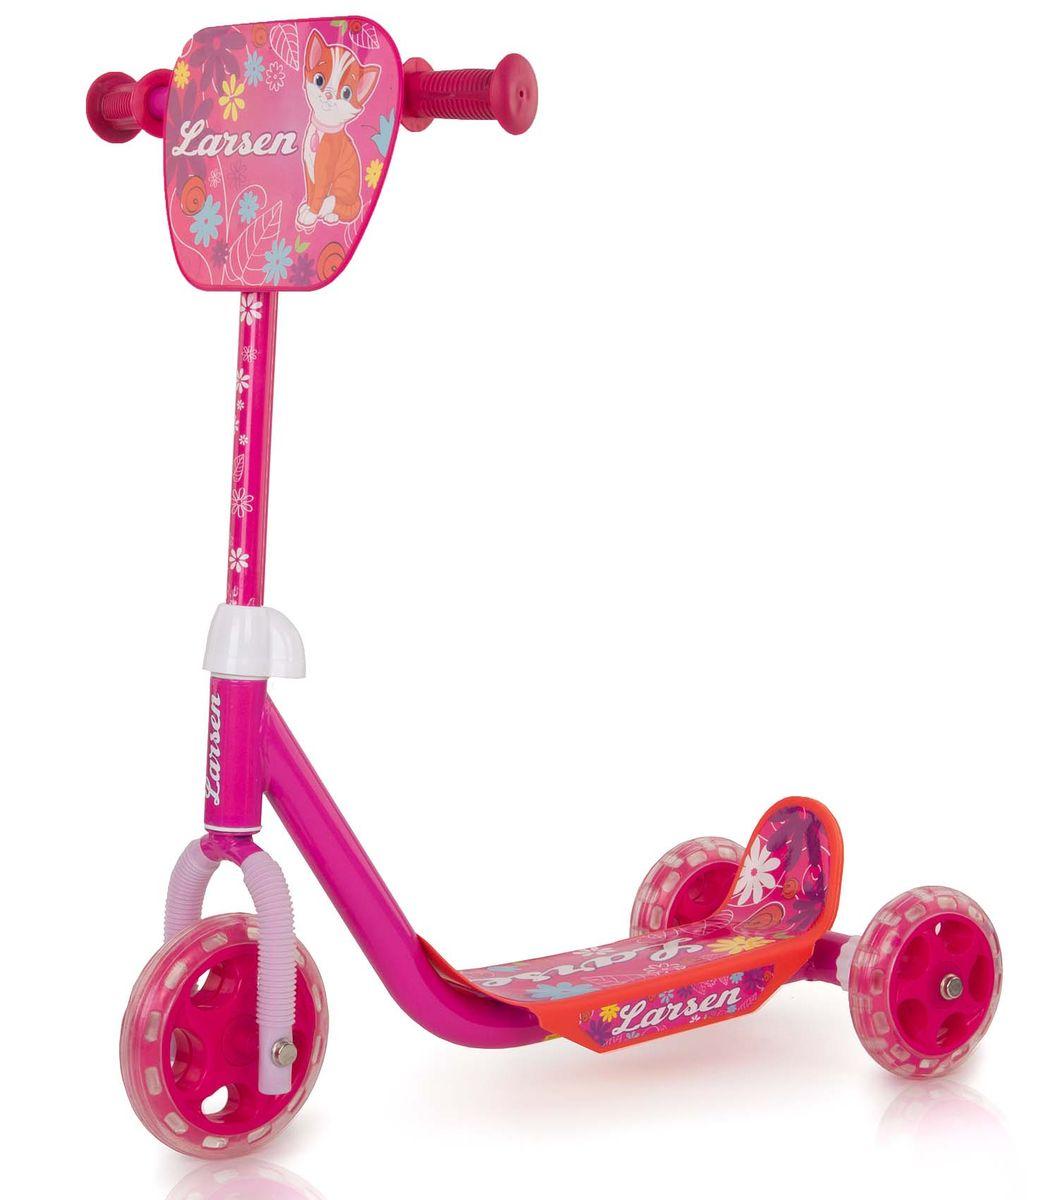 Самокат Larsen Girl, цвет: розовый. GS-002A-RB